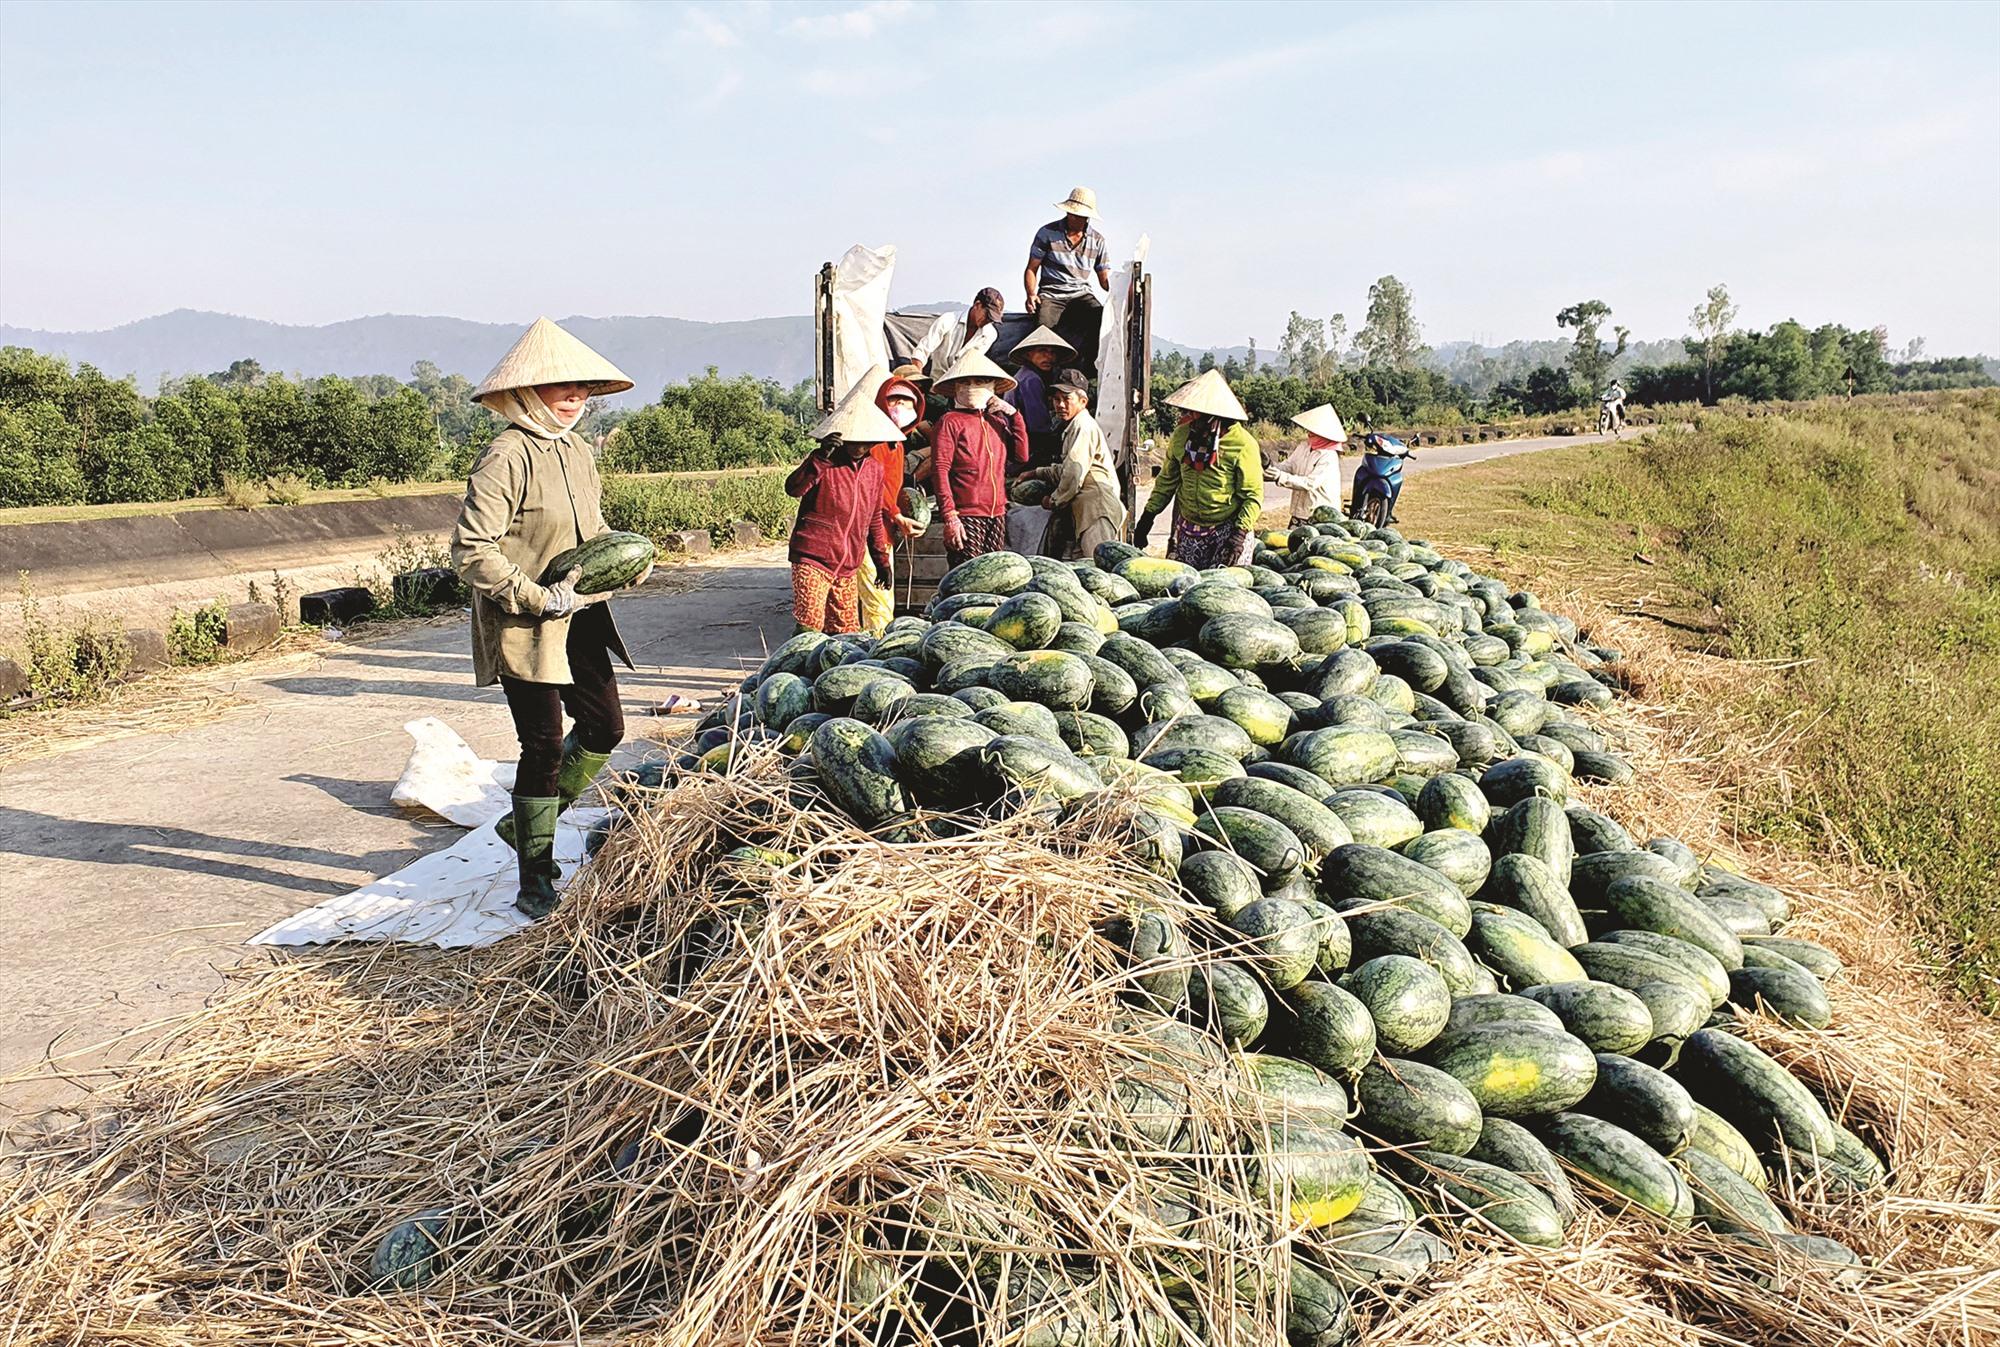 Những năm qua, việc sản xuất dưa hấu ở Quảng Nam thiếu bền vững do thị trường tiêu thụ không ổn định. Ảnh: S.A